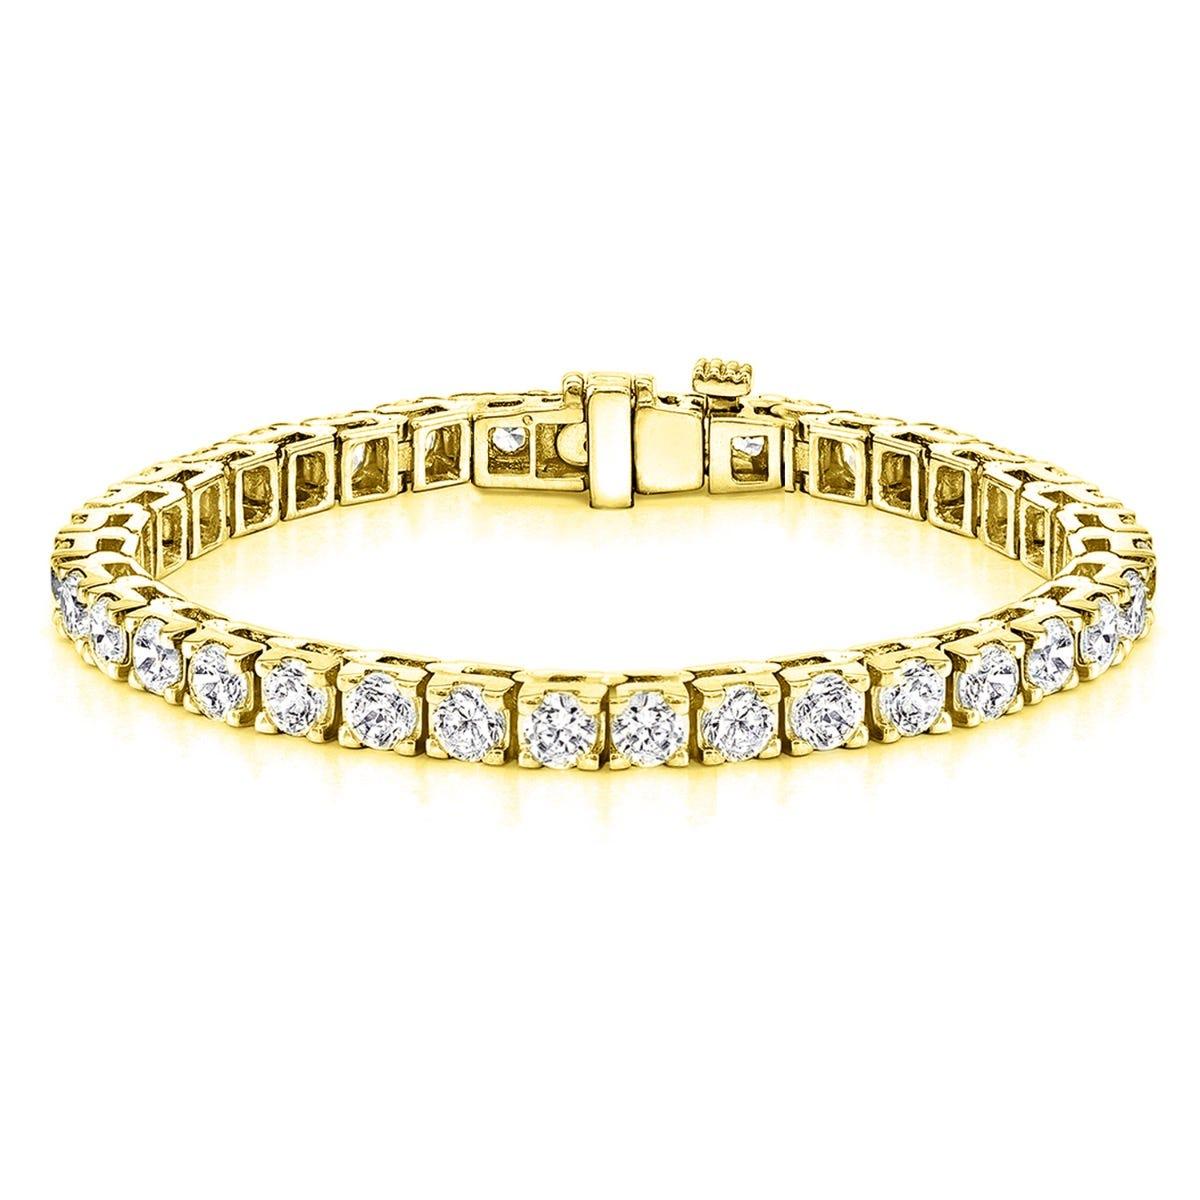 14ctw 4 G Square Link Diamond Tennis Bracelet In 14k Yellow Gold Hi Vs1 Vs2